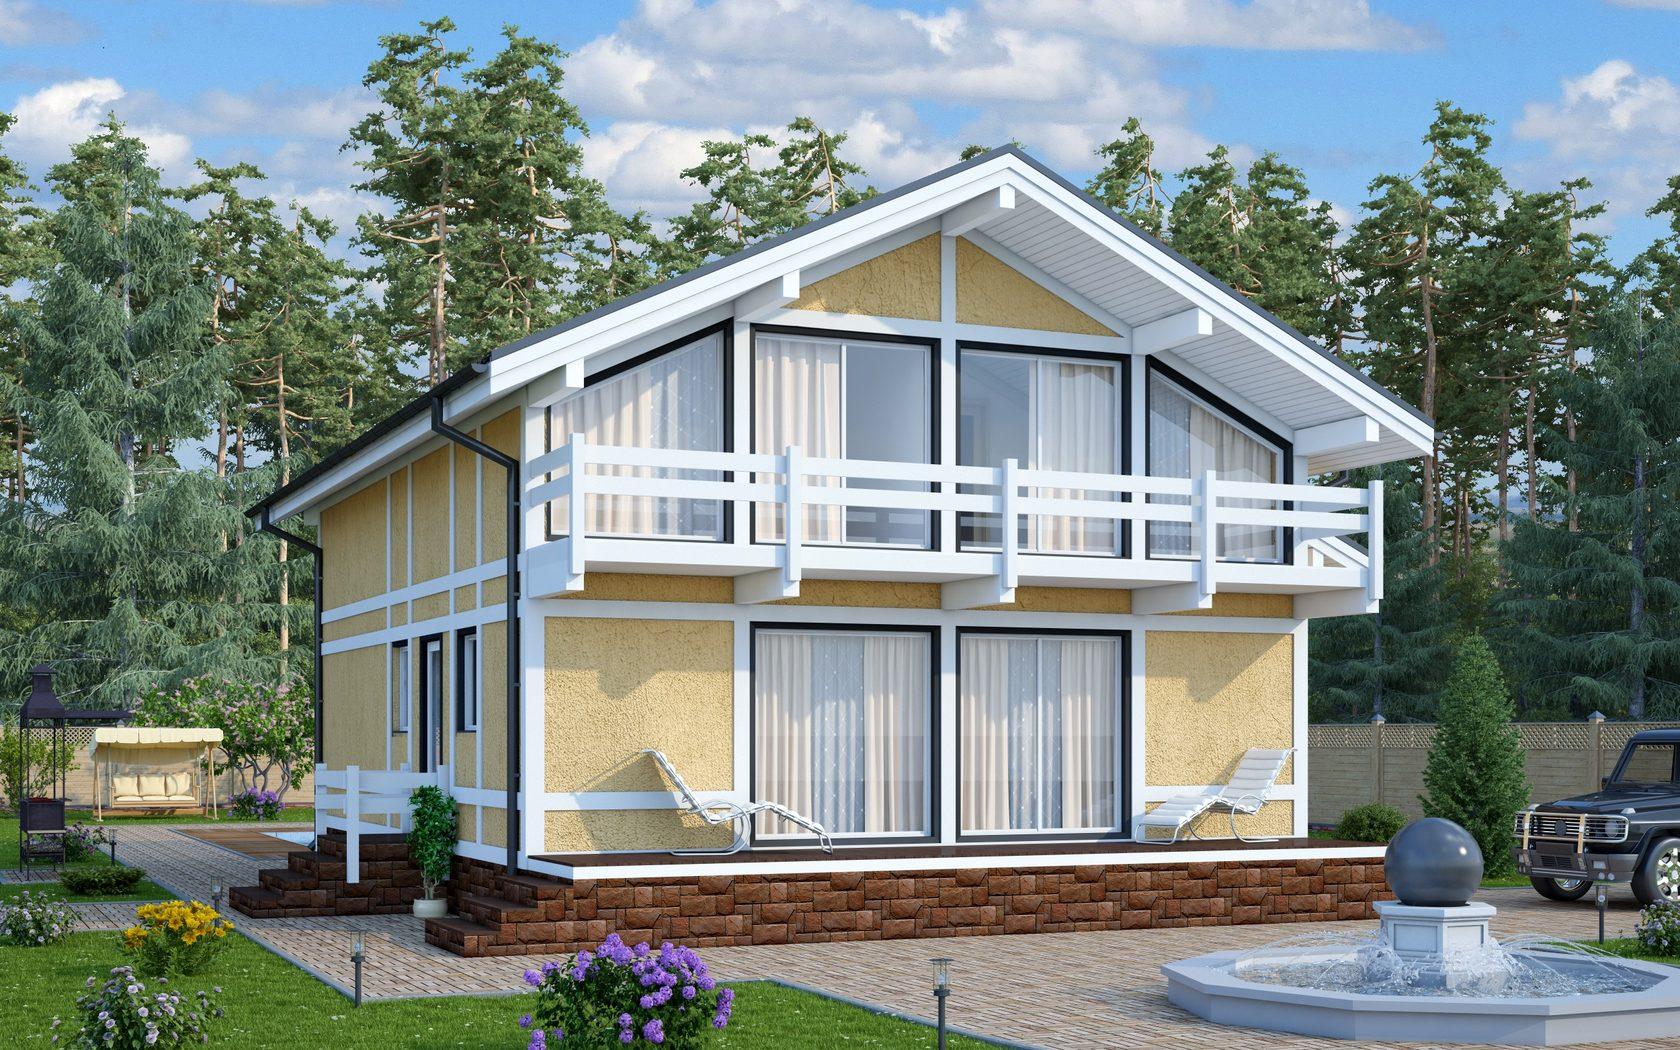 земледельческих фото домов с балконами полфасада имеет электрического